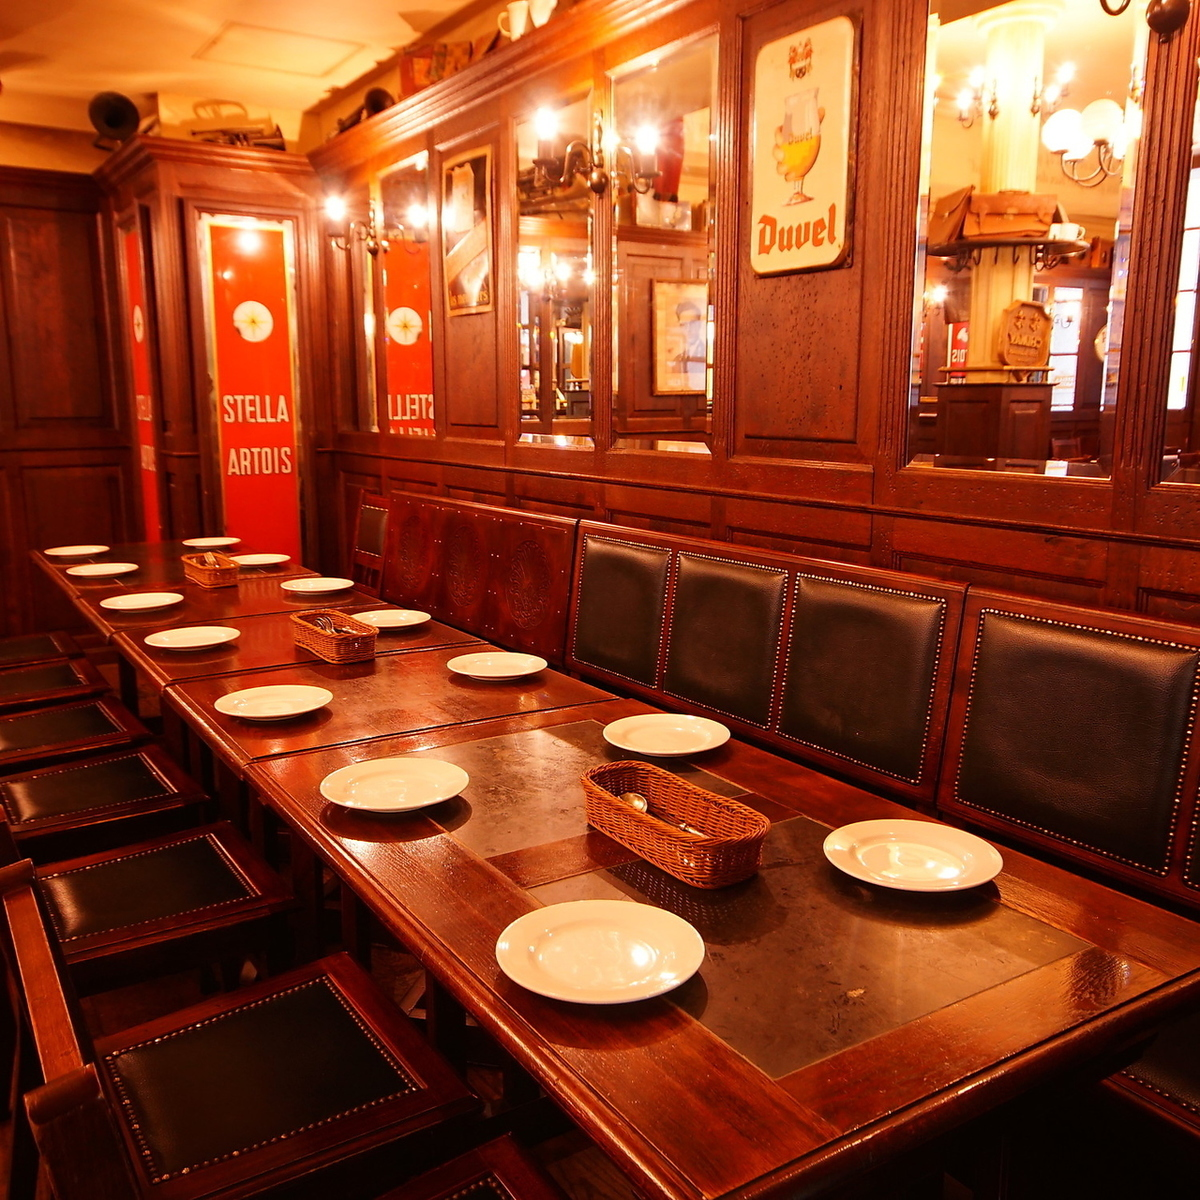 【~14人座位】是團體的座位。一排最多可容納14位客人。